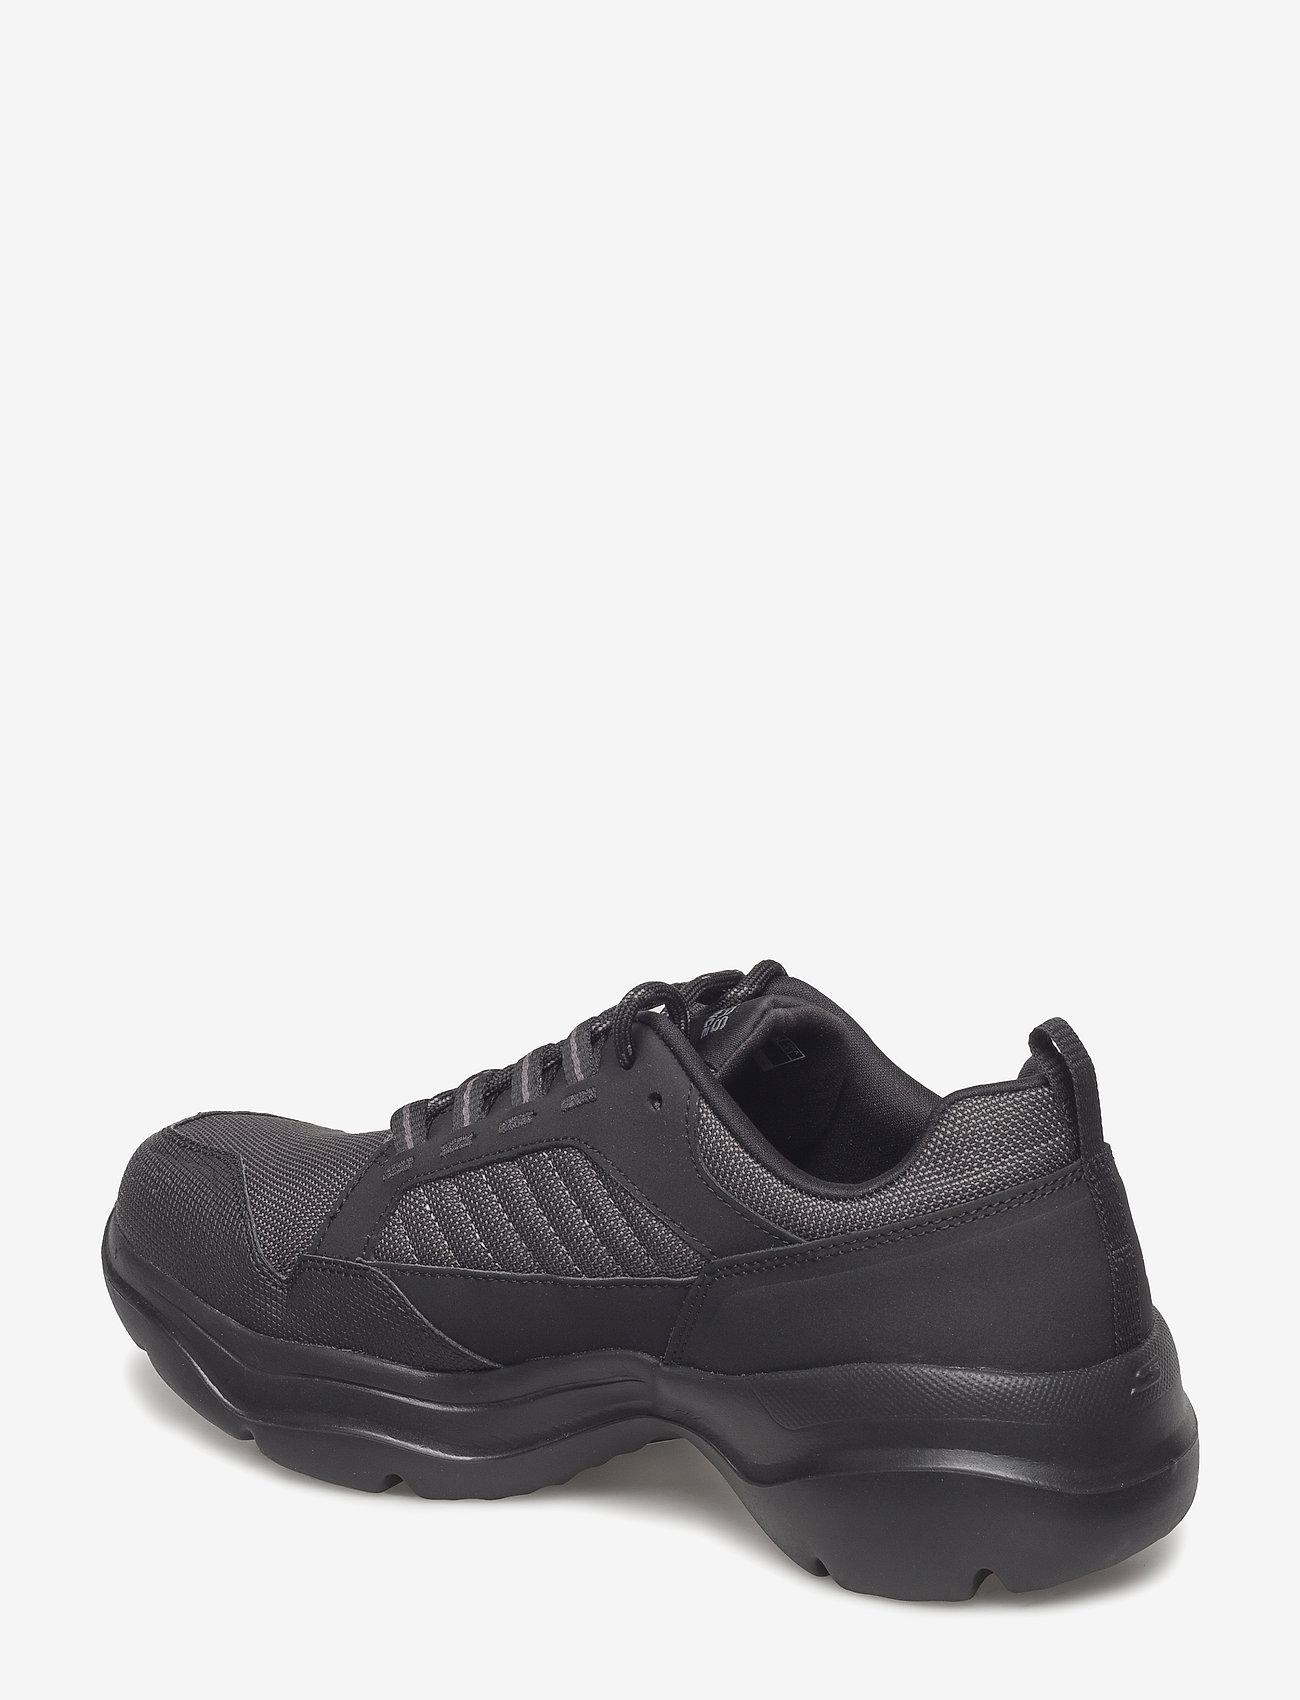 Mens Mantra Ultra - Concept (Bbk Black) - Skechers L6dU1V